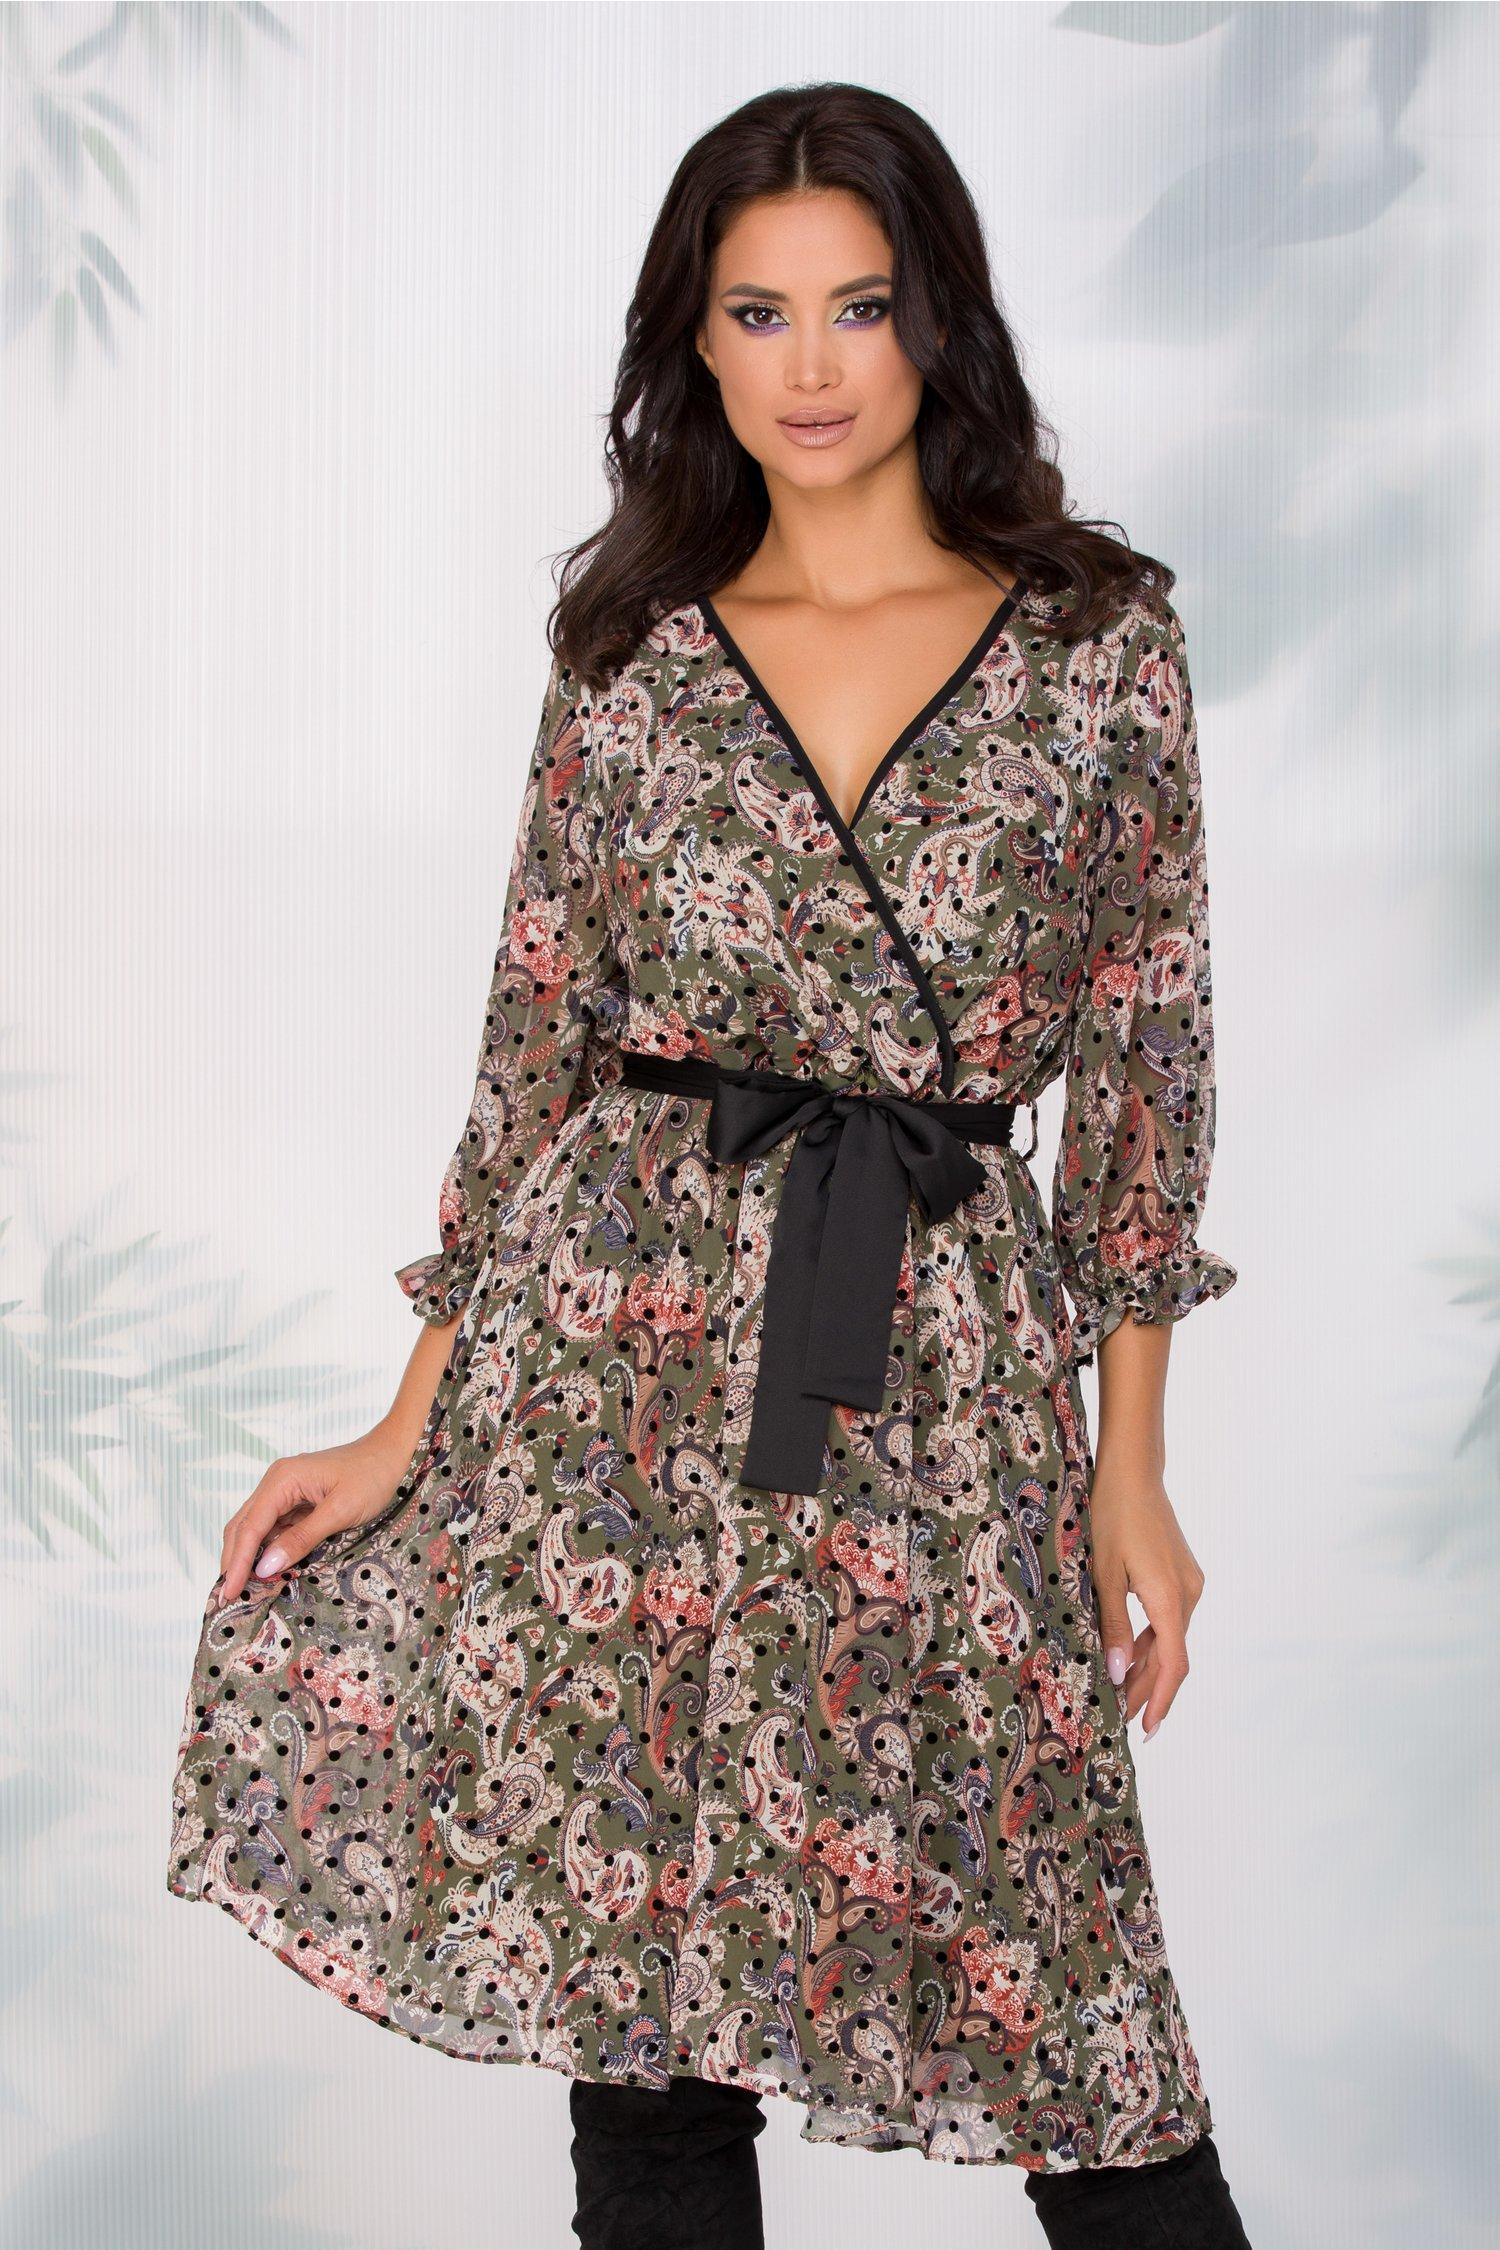 Rochie Naoki Verde Kaki Cu Imprimeu Floral Stil Mandala Si Buline Negre Catifelate